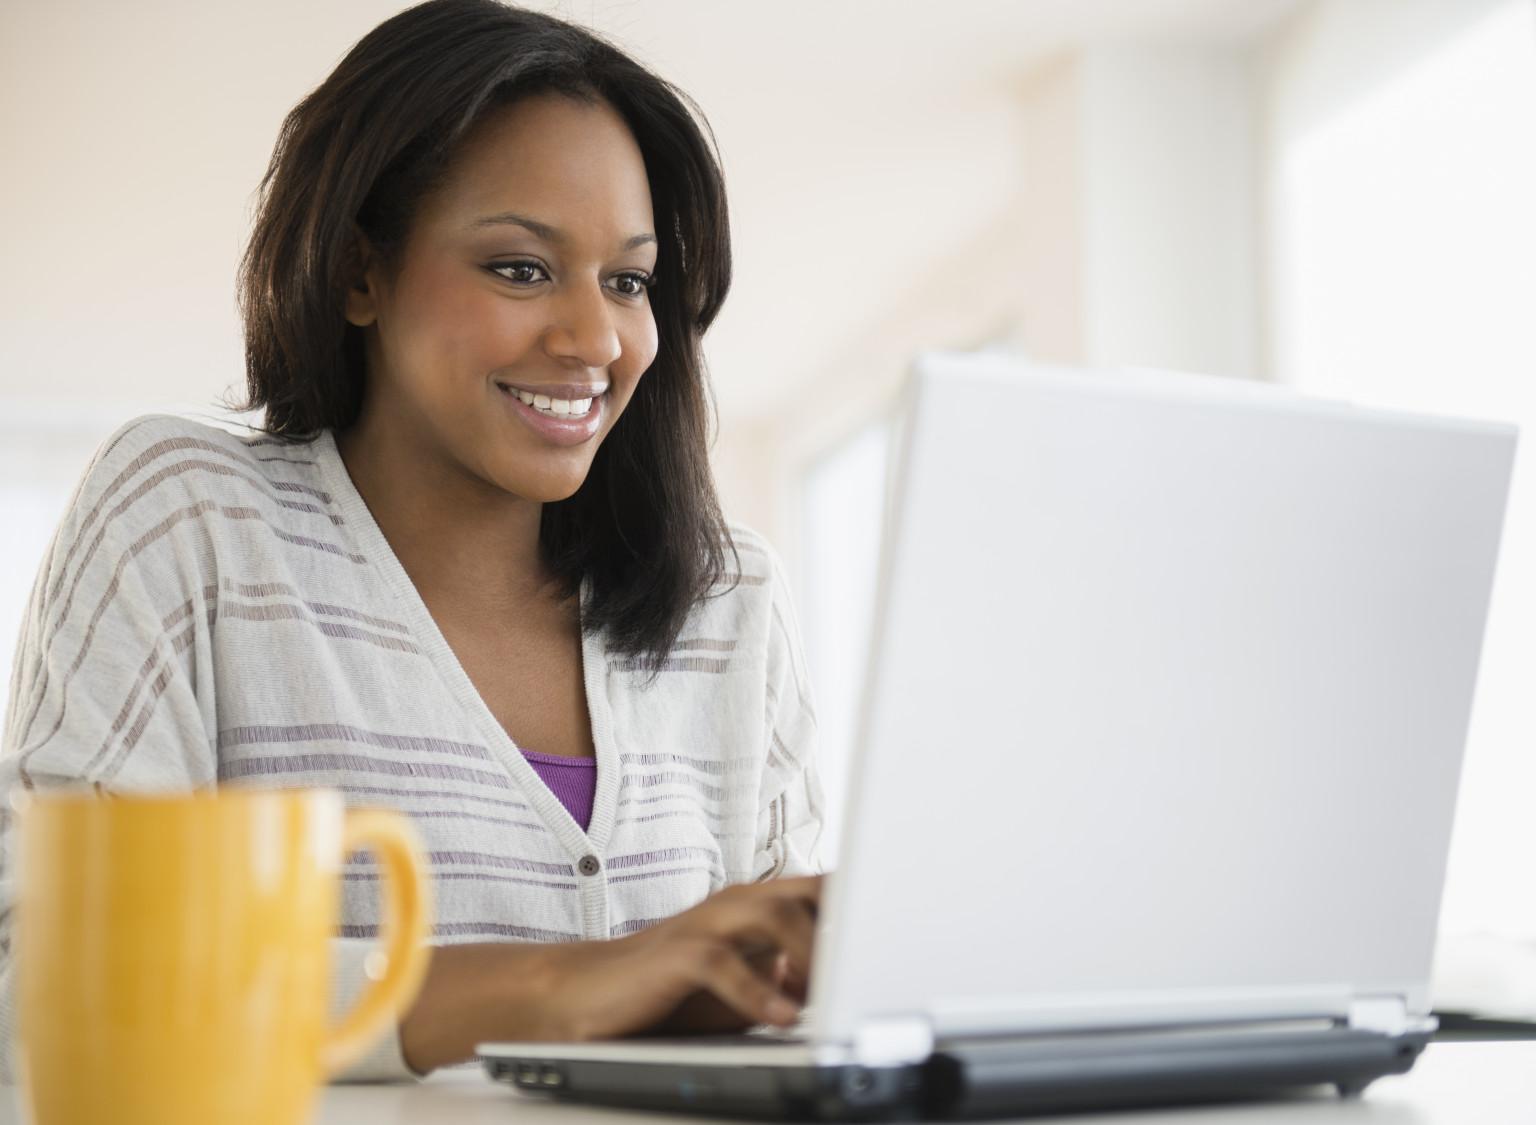 woman laptop.jpg